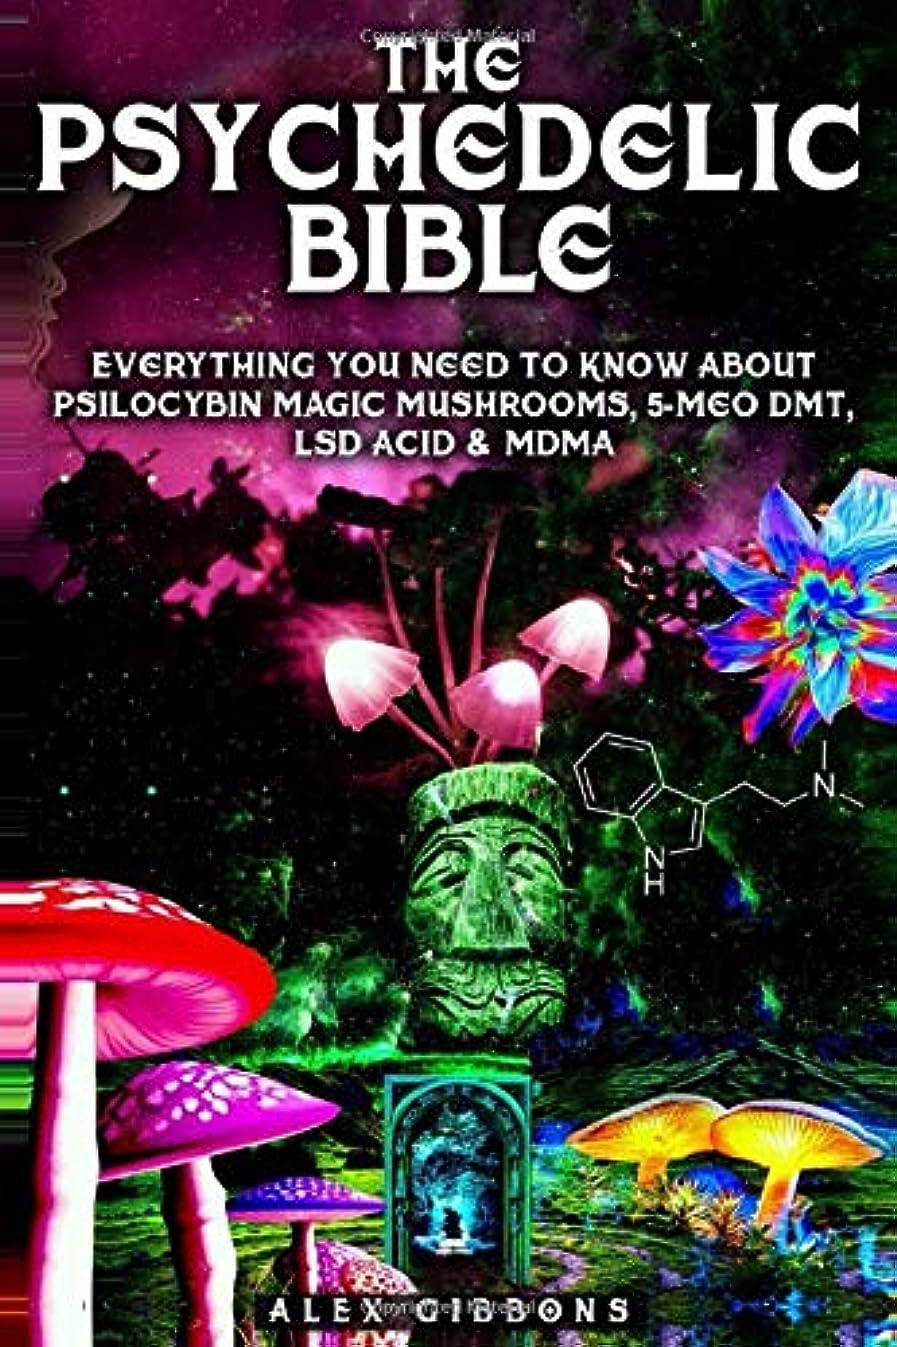 気体の仲間、同僚廃棄するThe Psychedelic Bible - Everything You Need To Know About Psilocybin Magic Mushrooms, 5-Meo DMT, LSD/Acid & MDMA (Psychedelic Curiosity)